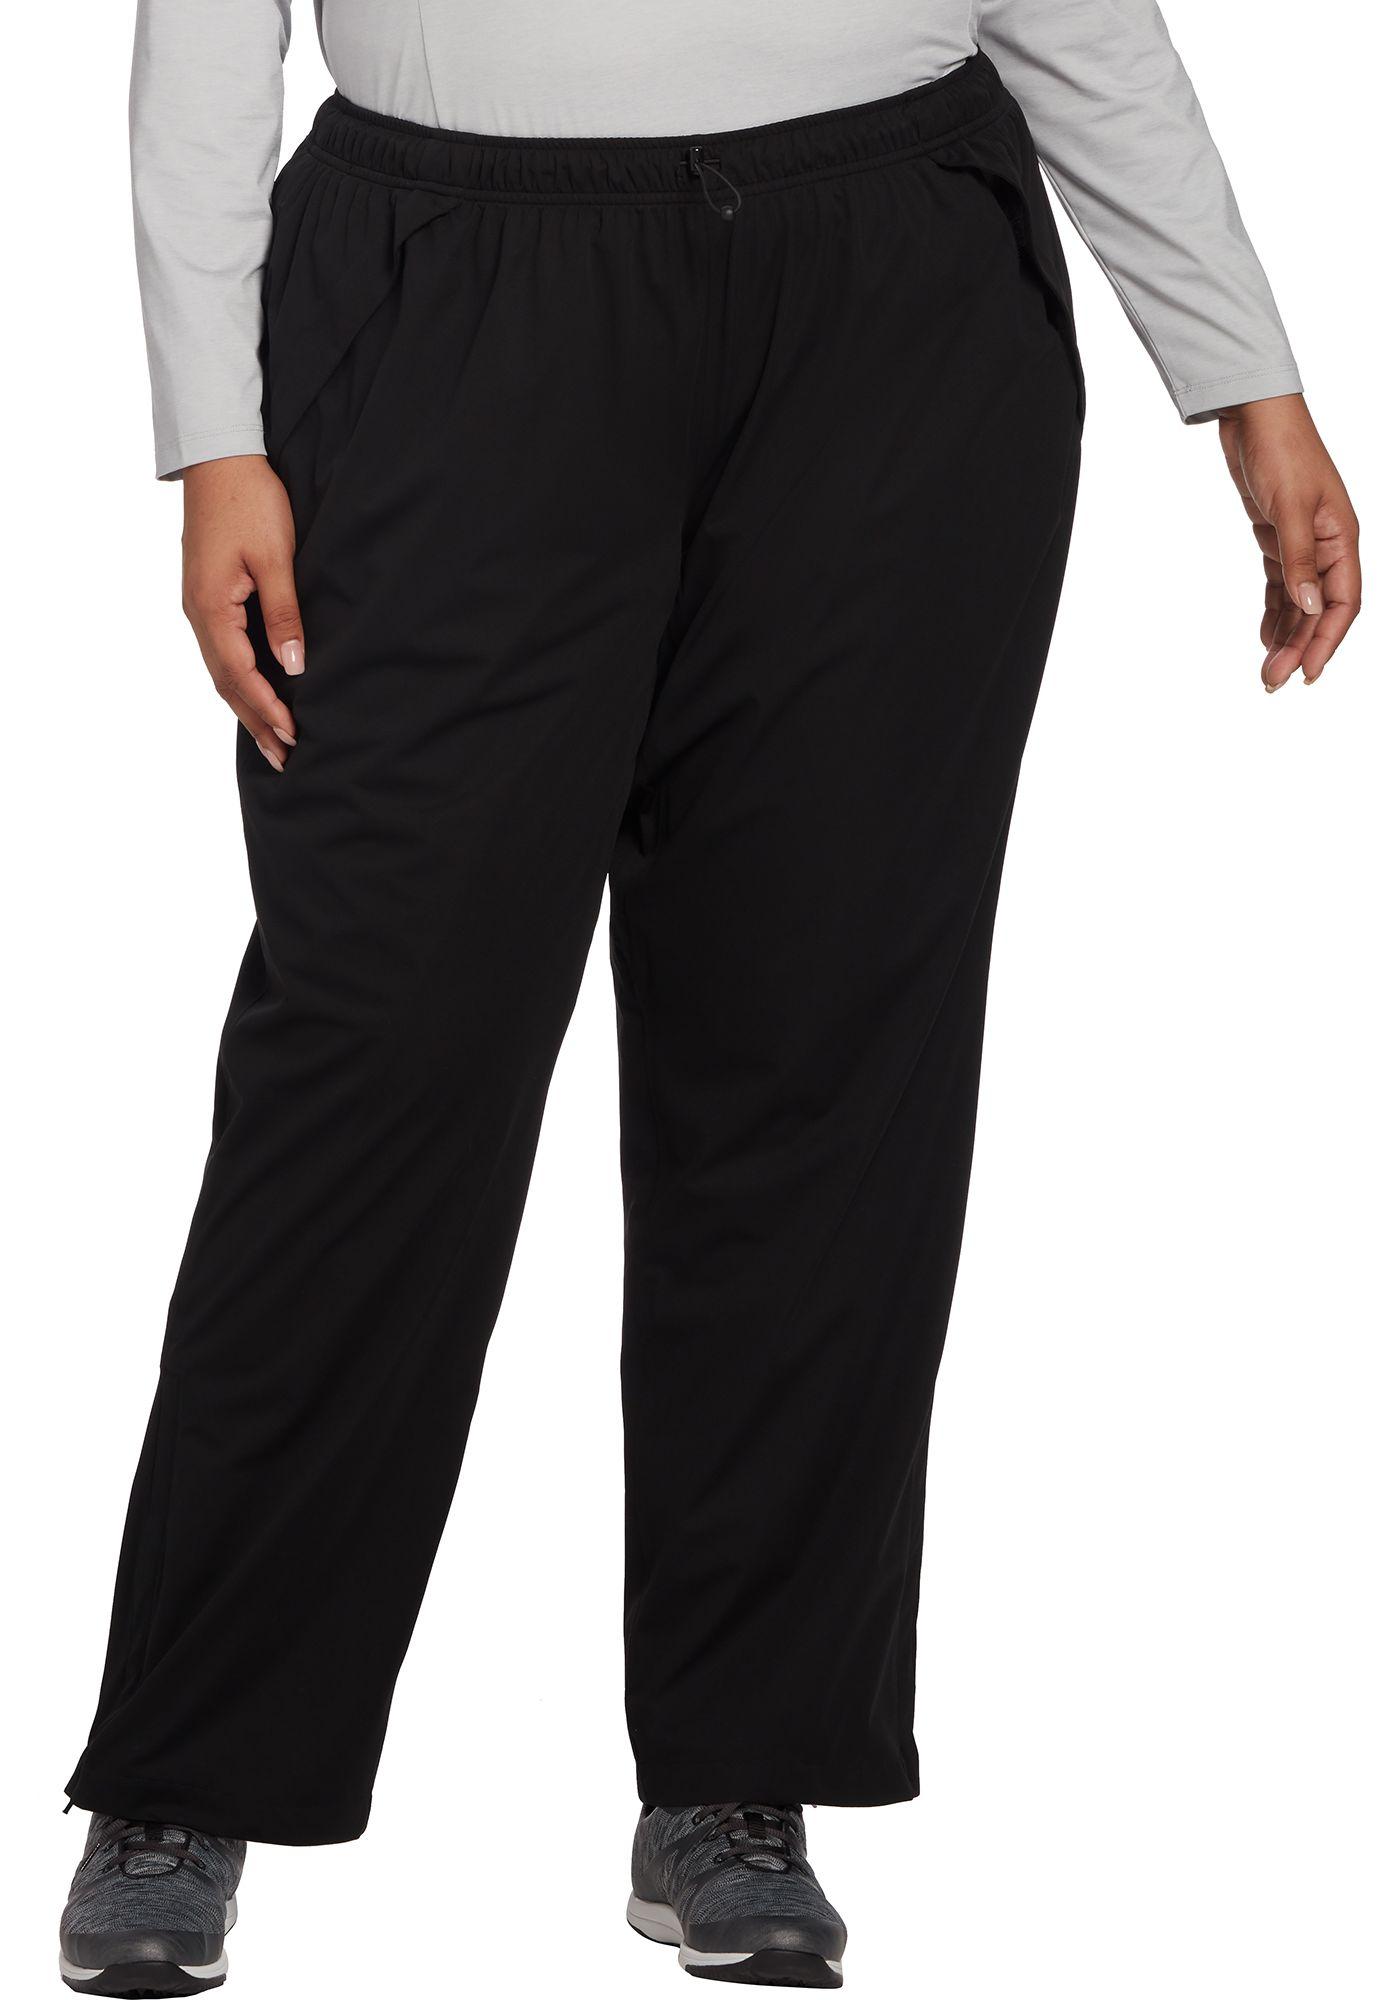 Lady Hagen Women's Best Golf Rain Pants - Extended Sizes